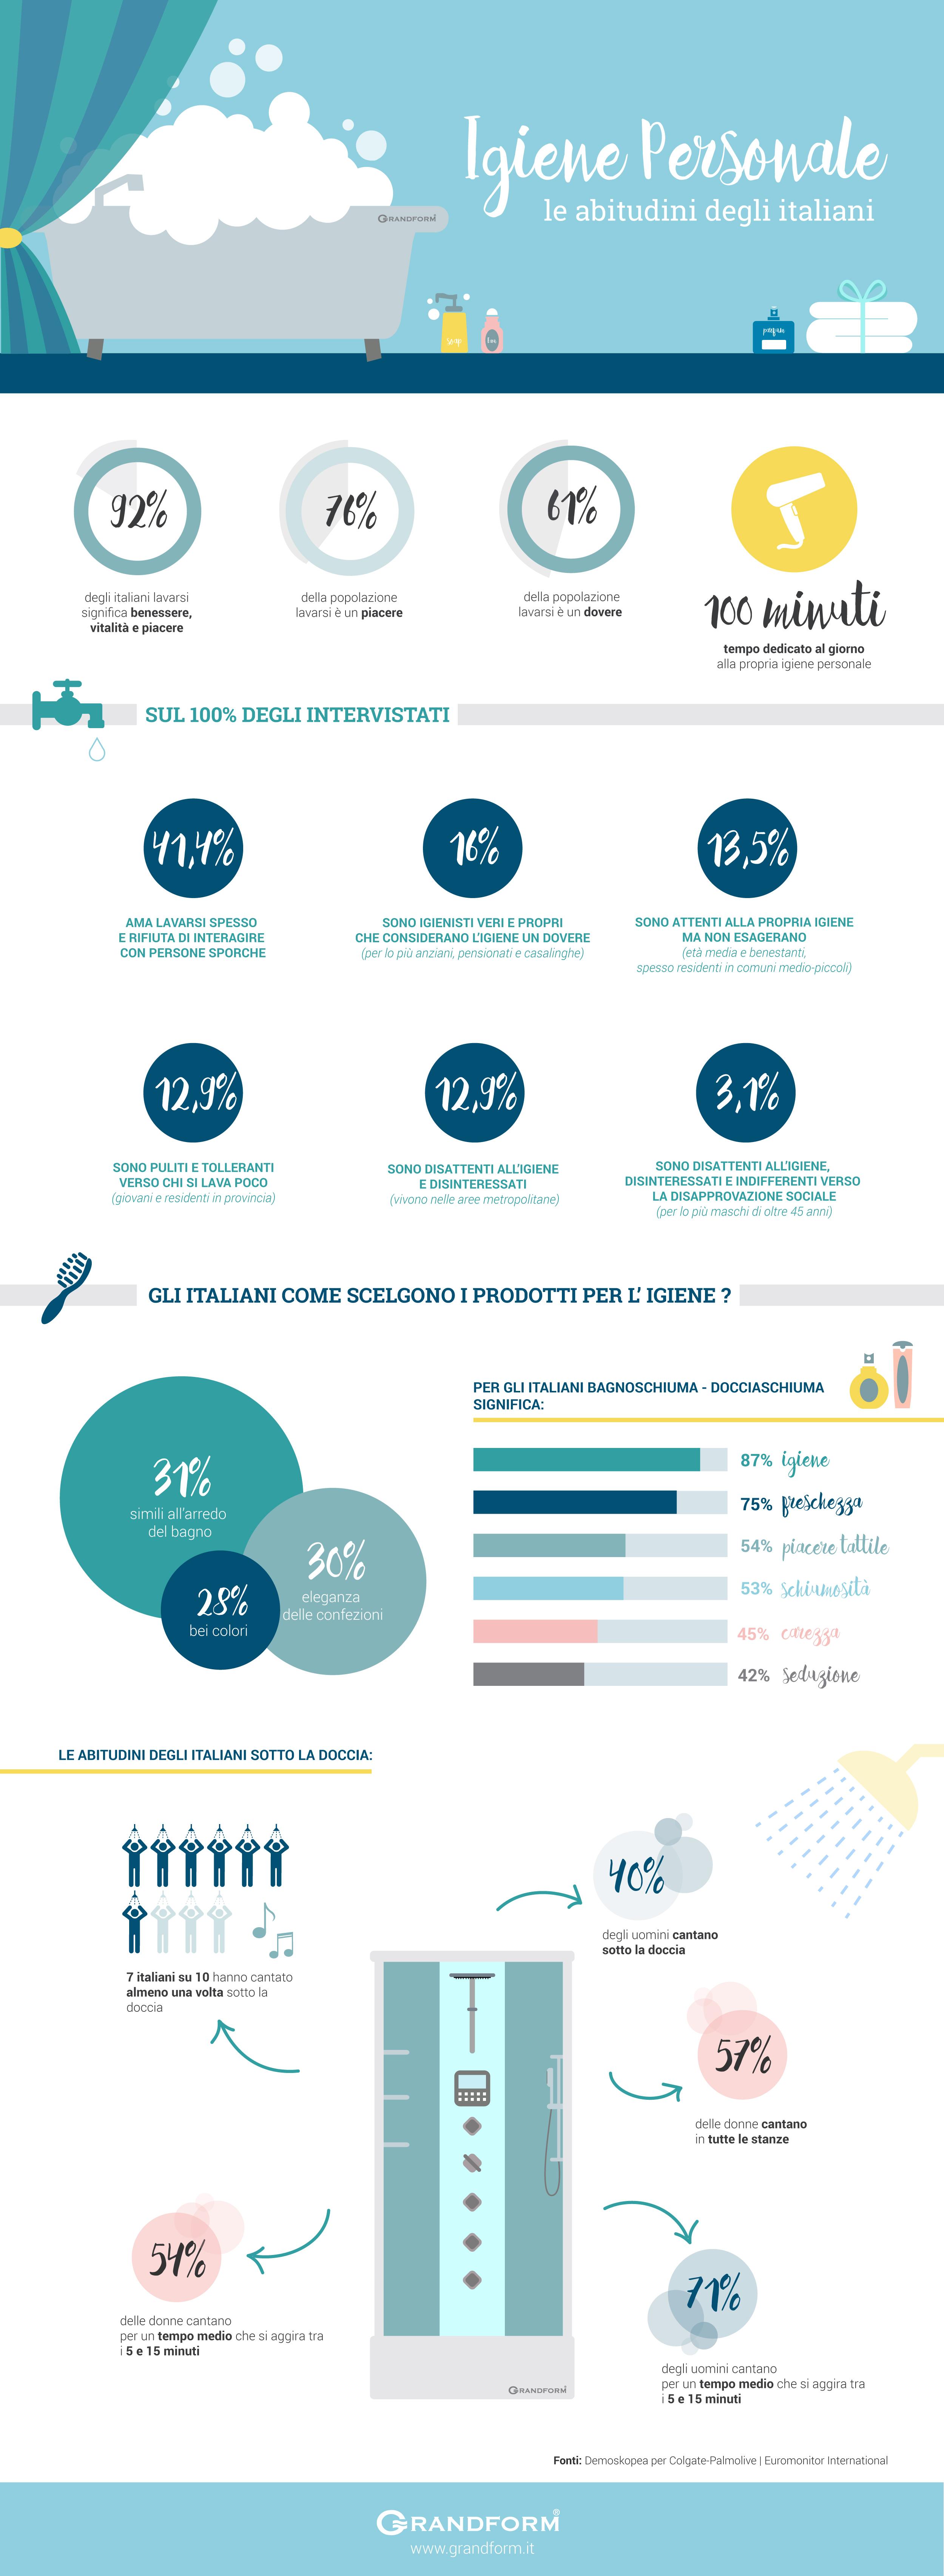 Infografica – Igiene personale - Le abitudini degli italiani